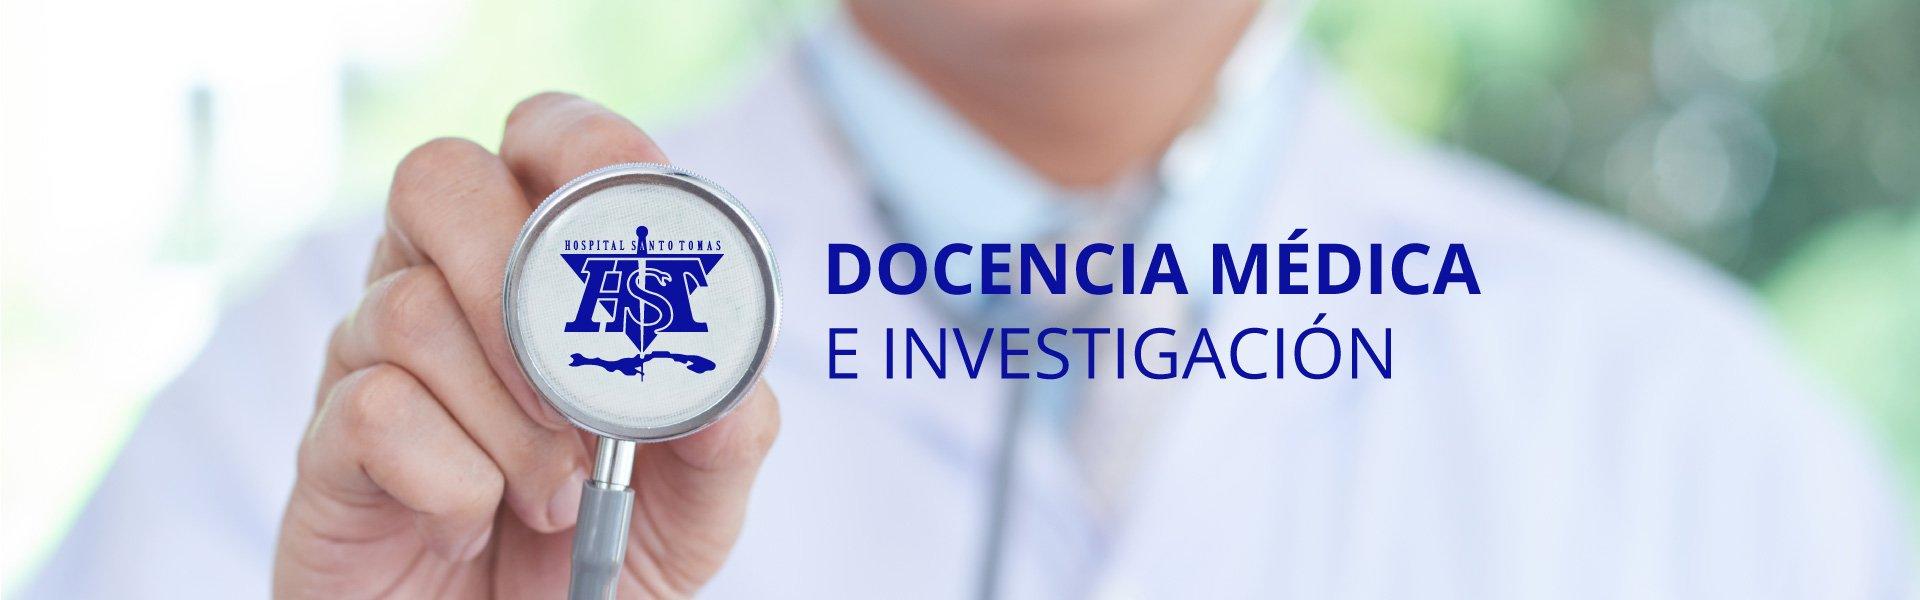 Docencia médica e investigación 2020